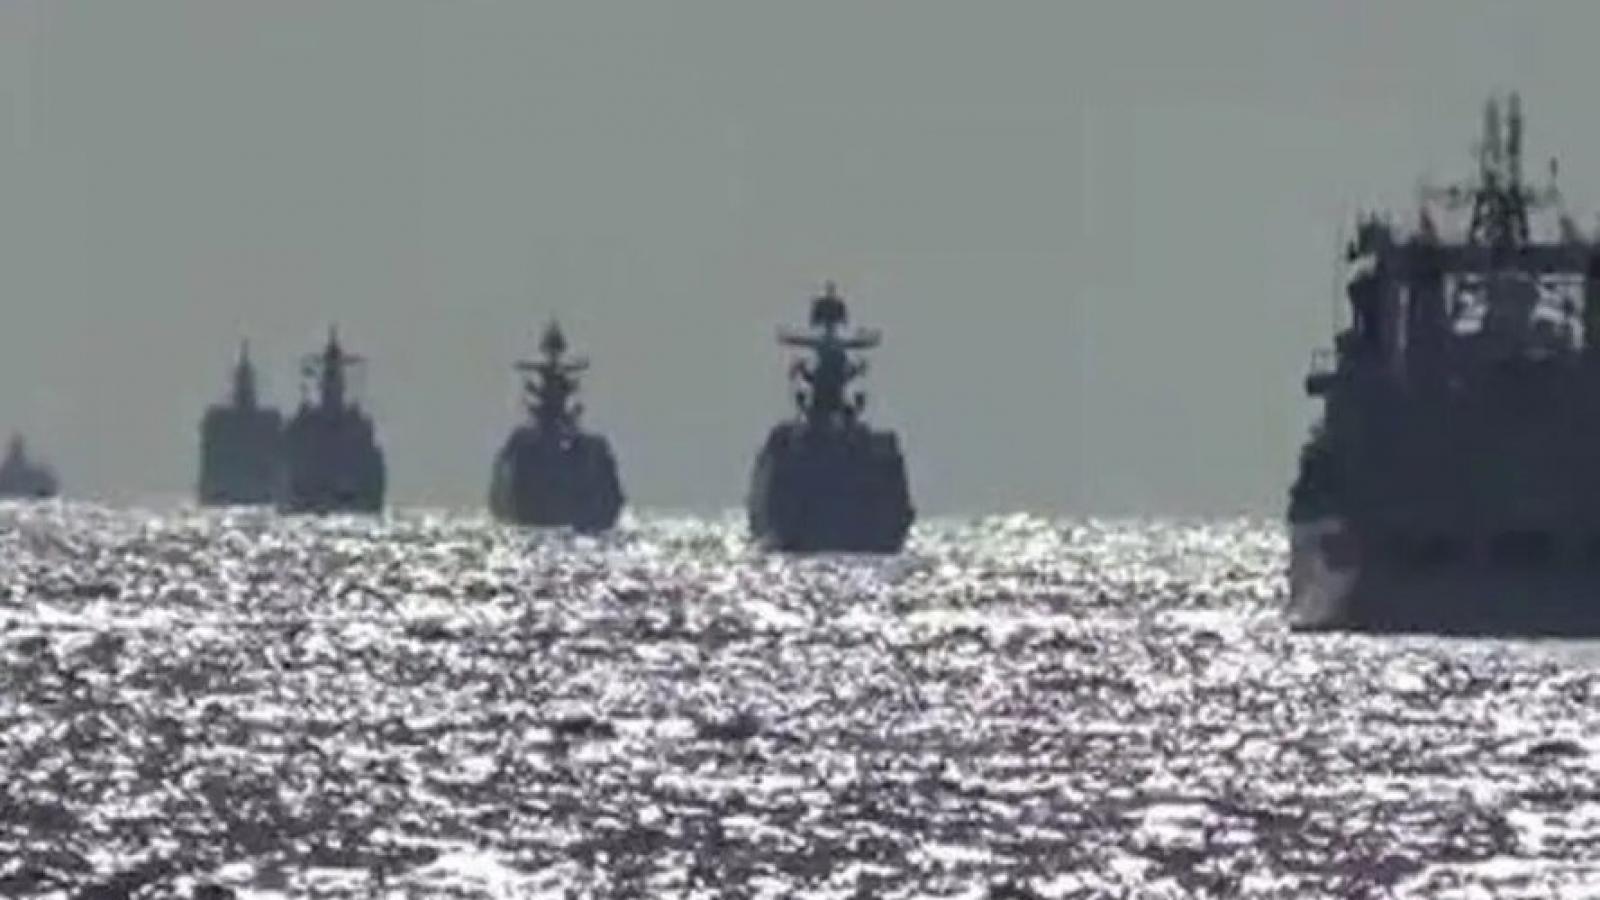 Tàu chiến của Nga và Trung Quốc lần đầu tiên tuần tra chung ở Thái Bình Dương